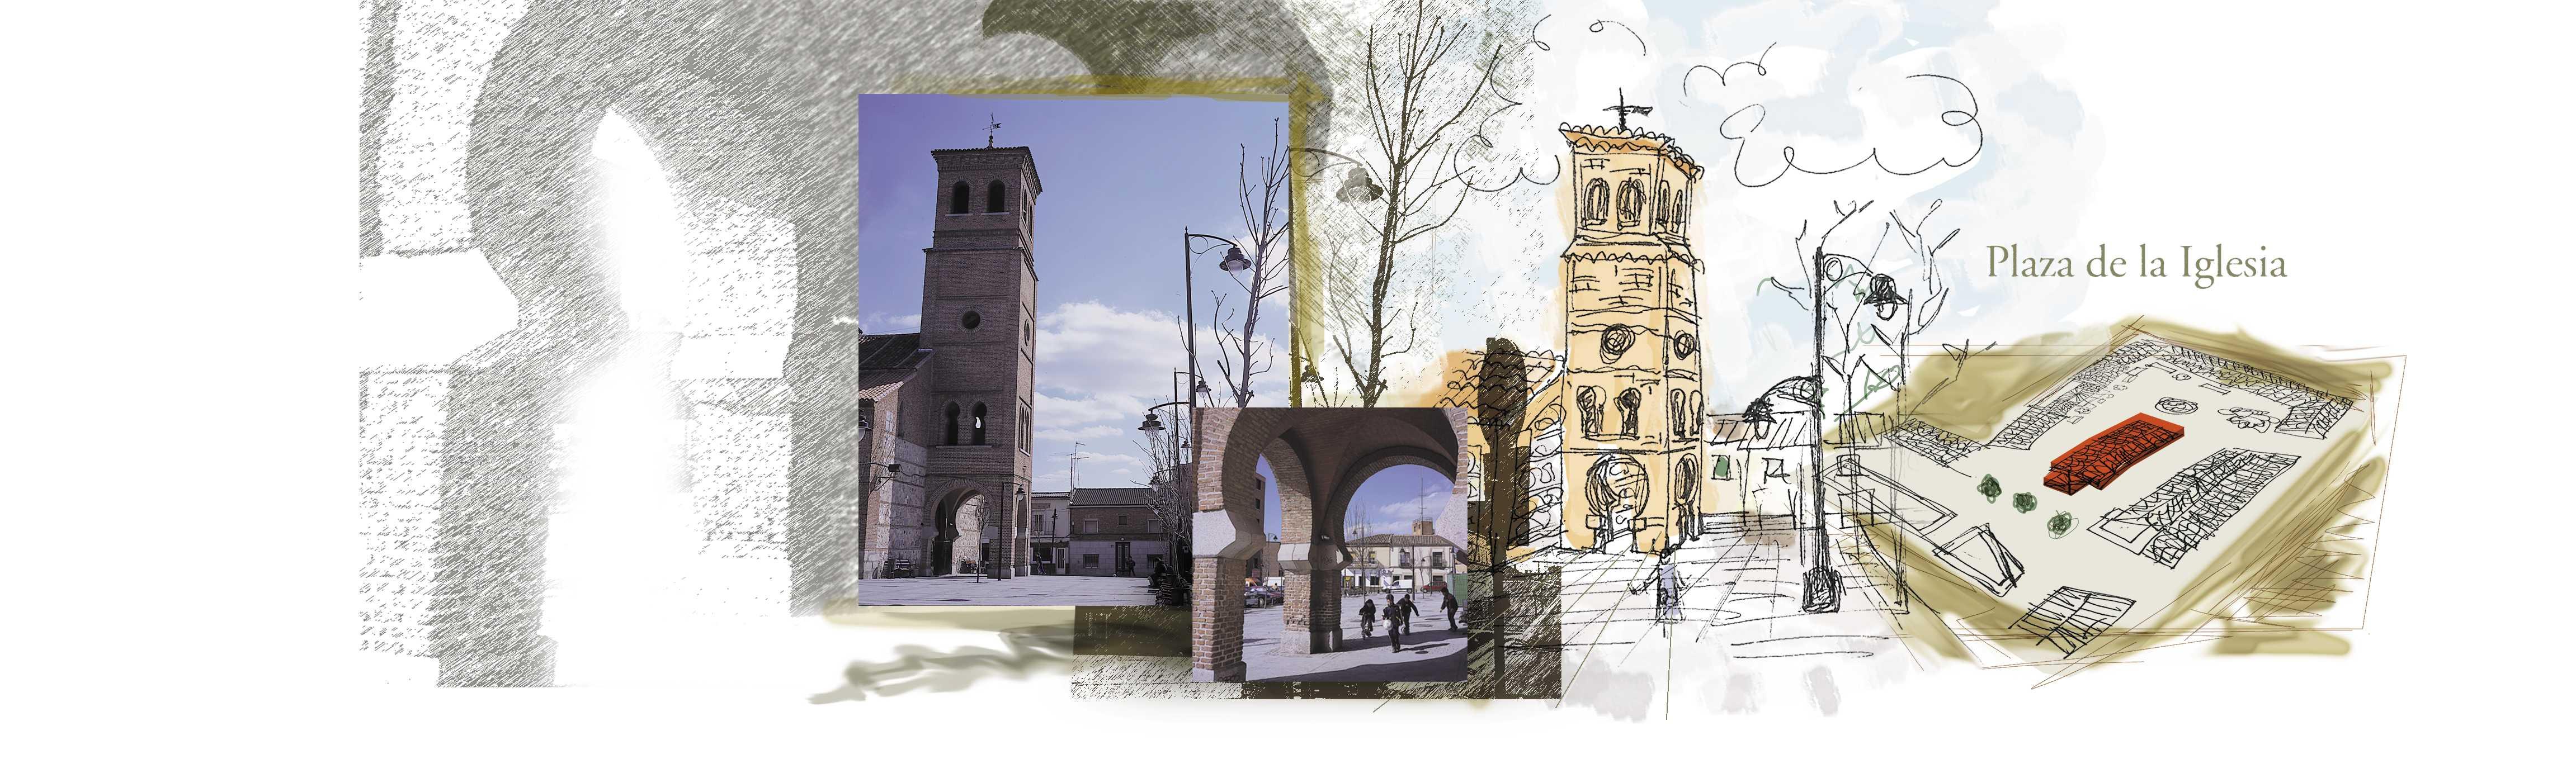 Foto artística de plaza de iglesia de San Sebastián de los Reyes